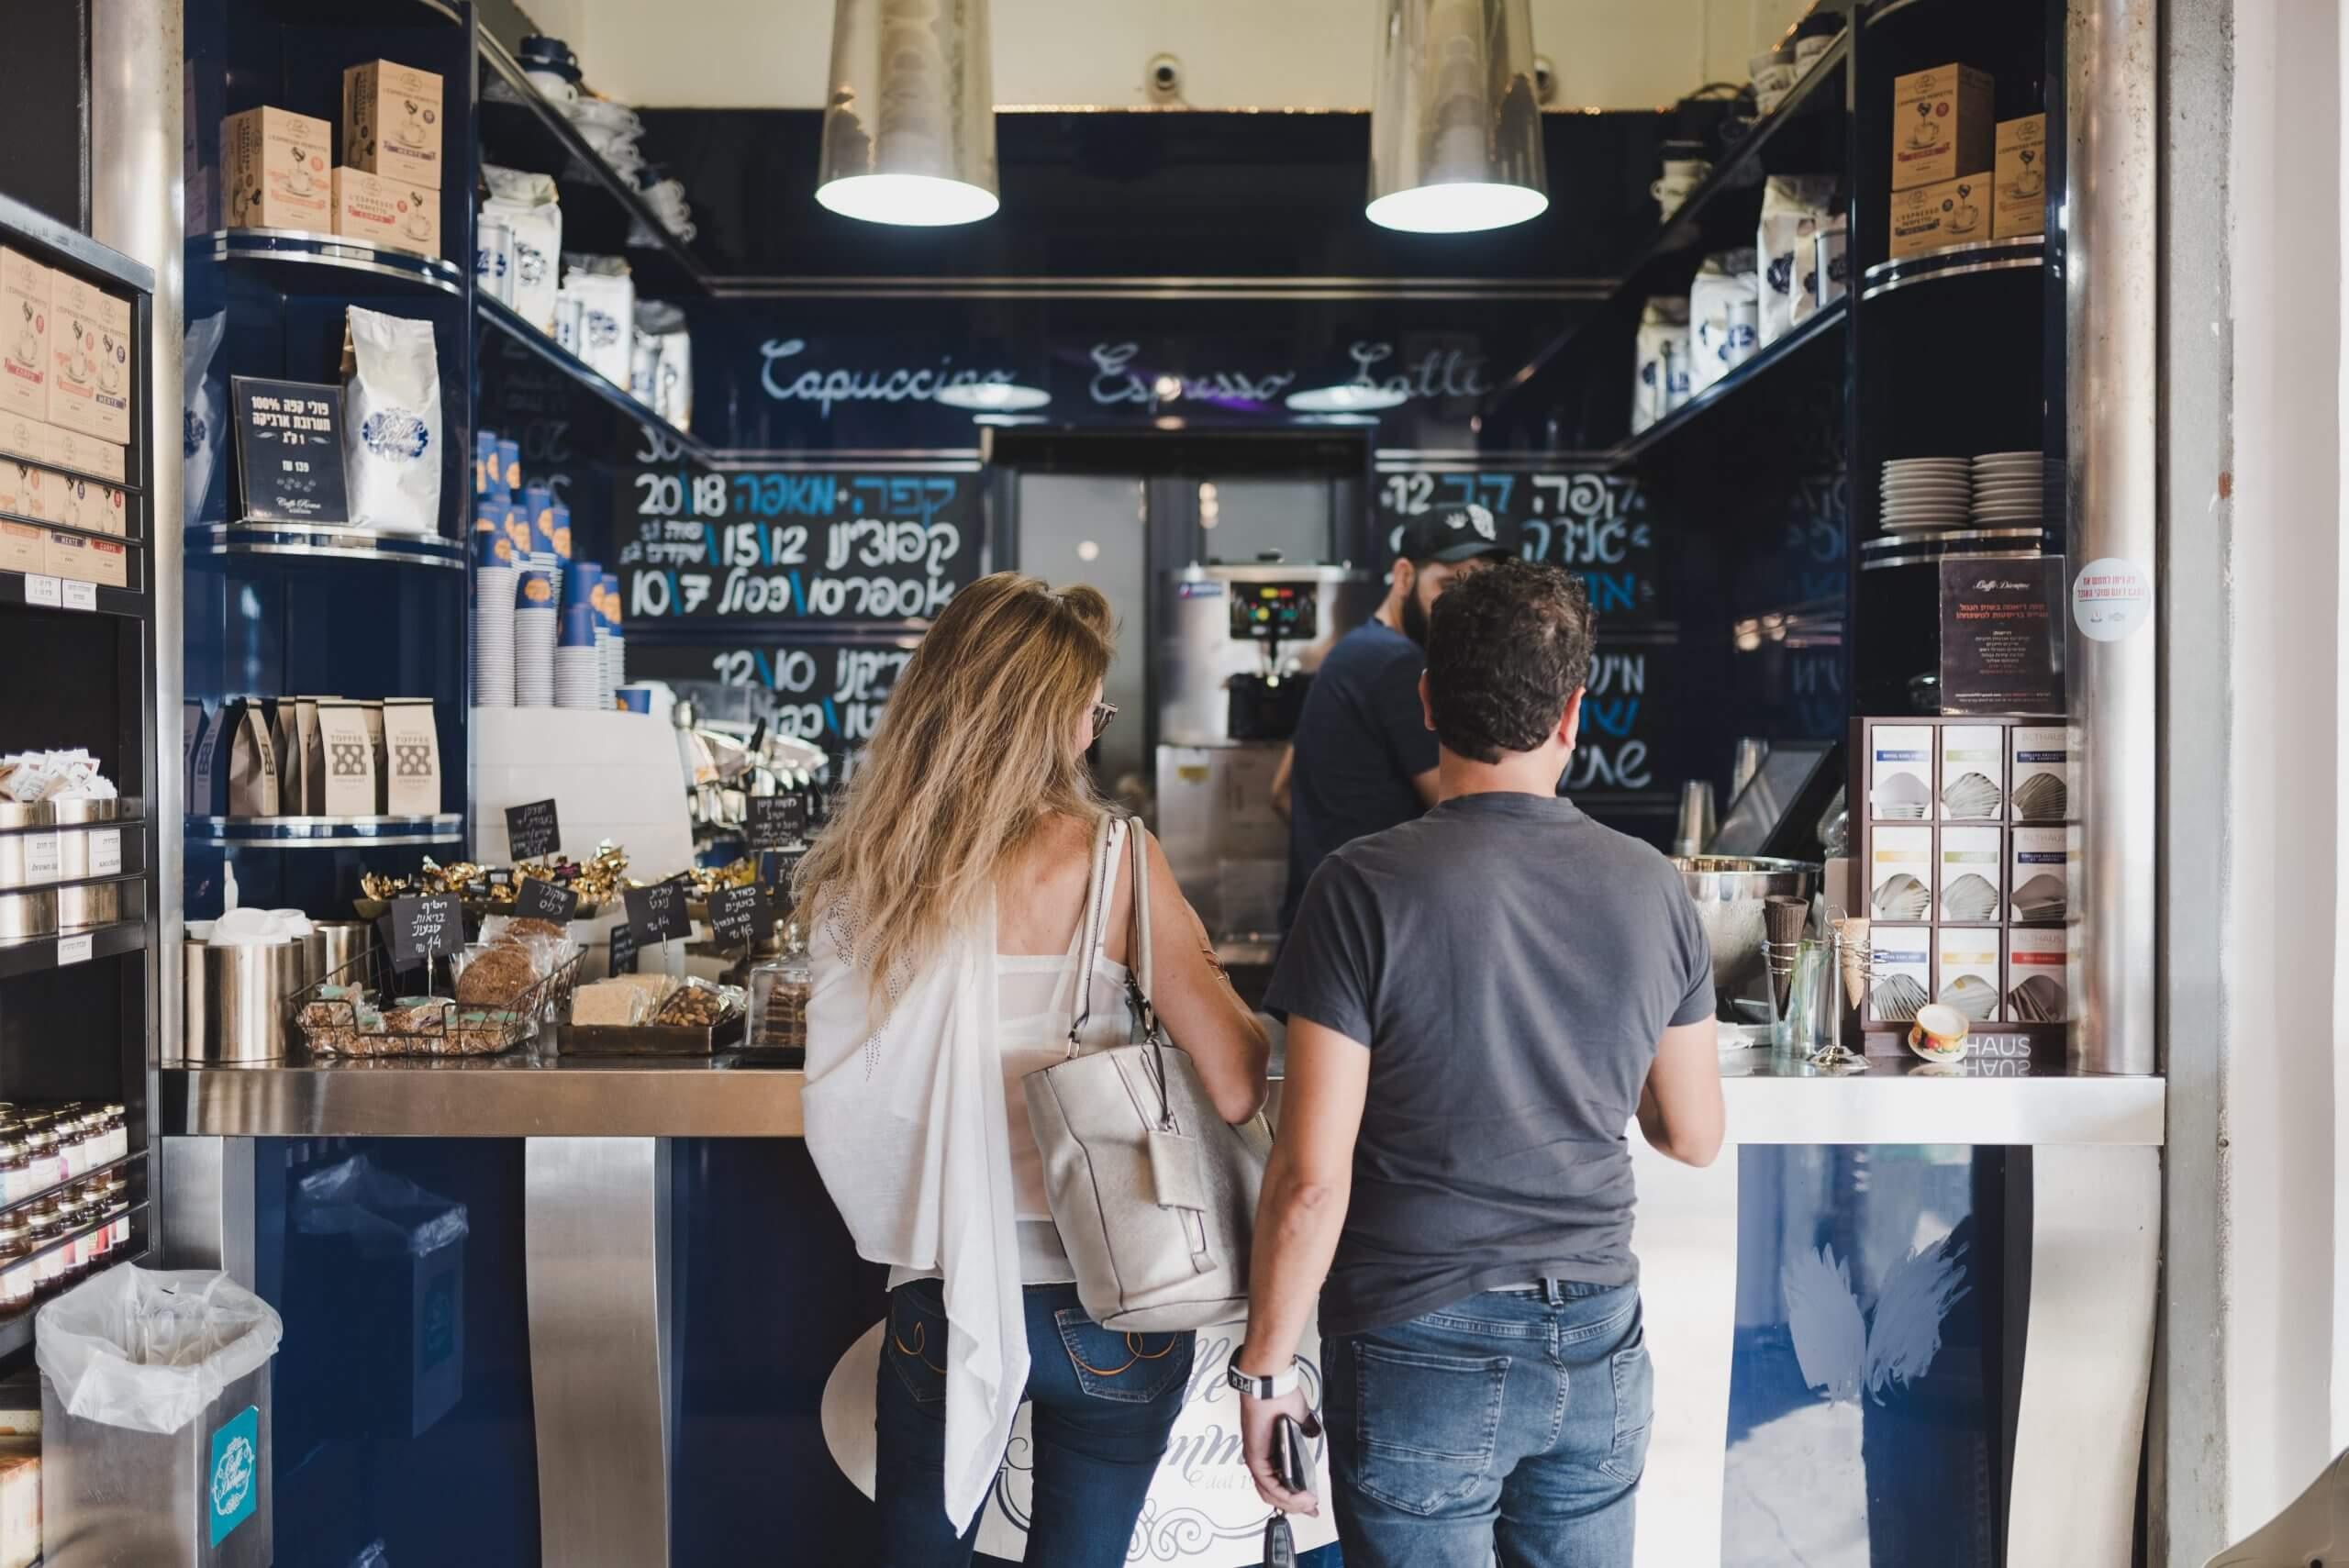 בית קפה בנמל תל אביב